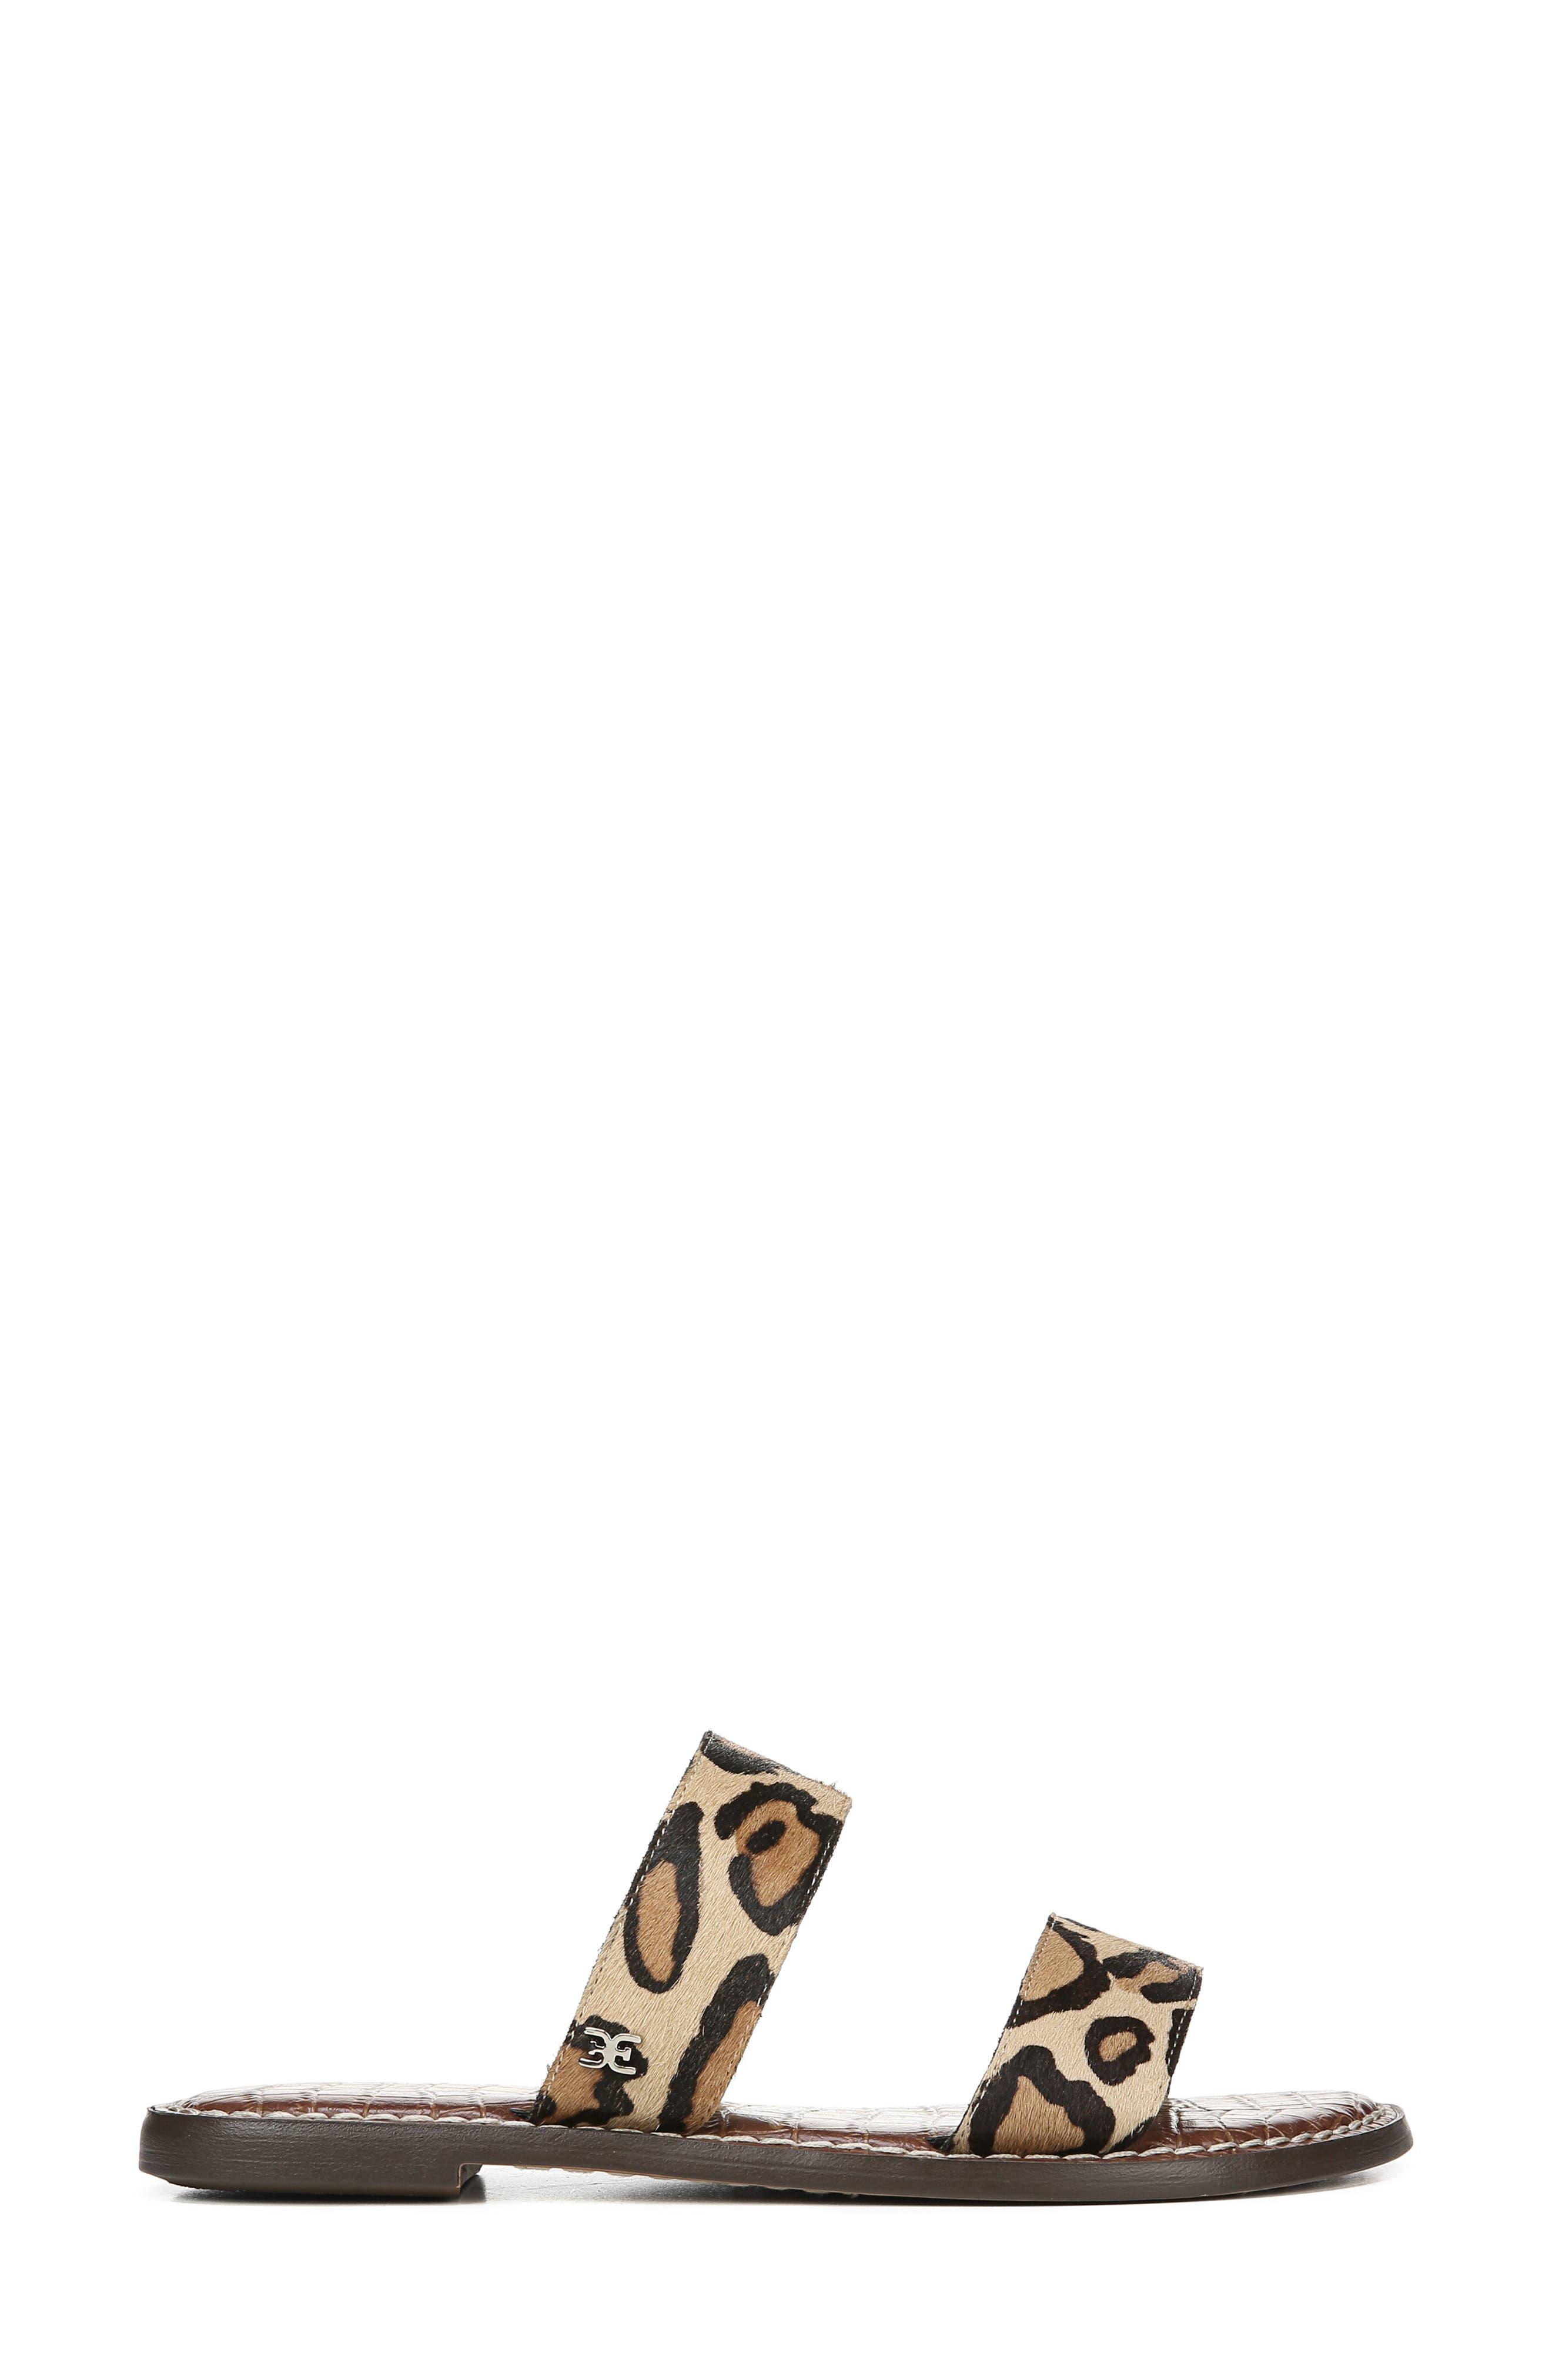 SAM EDELMAN,                             Gala Two Strap Genuine Calf Hair Slide Sandal,                             Alternate thumbnail 3, color,                             LEOPARD CALF HAIR